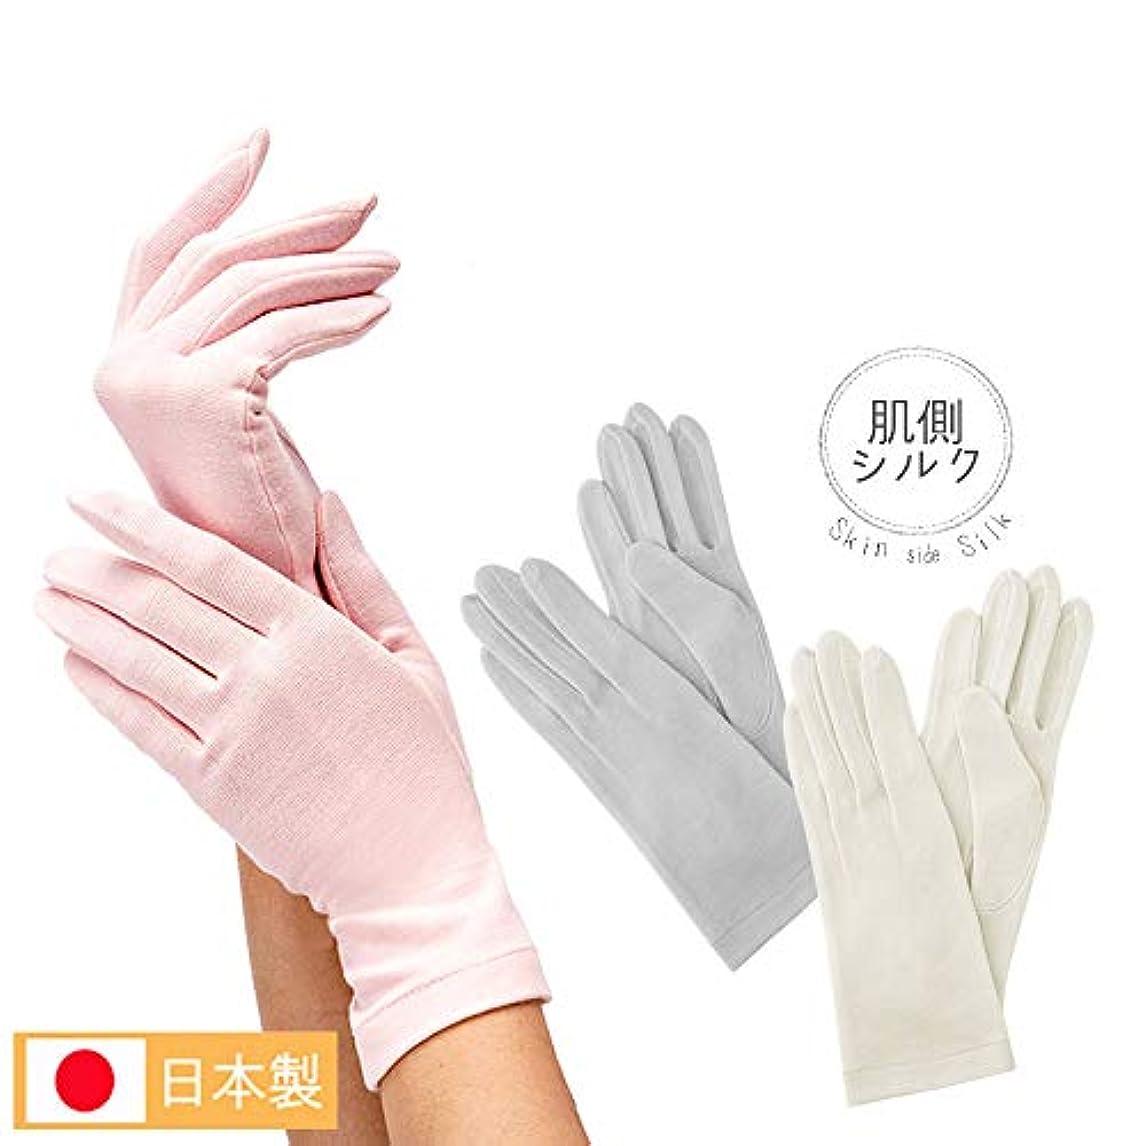 フレットモンク麻痺G12-0071_PK 就寝用 裏シルクうるおい手袋 あったか 薄い 手荒れ ハンドケア 保湿 レディース 女性 おやすみ 寝るとき 日本製 ピンク